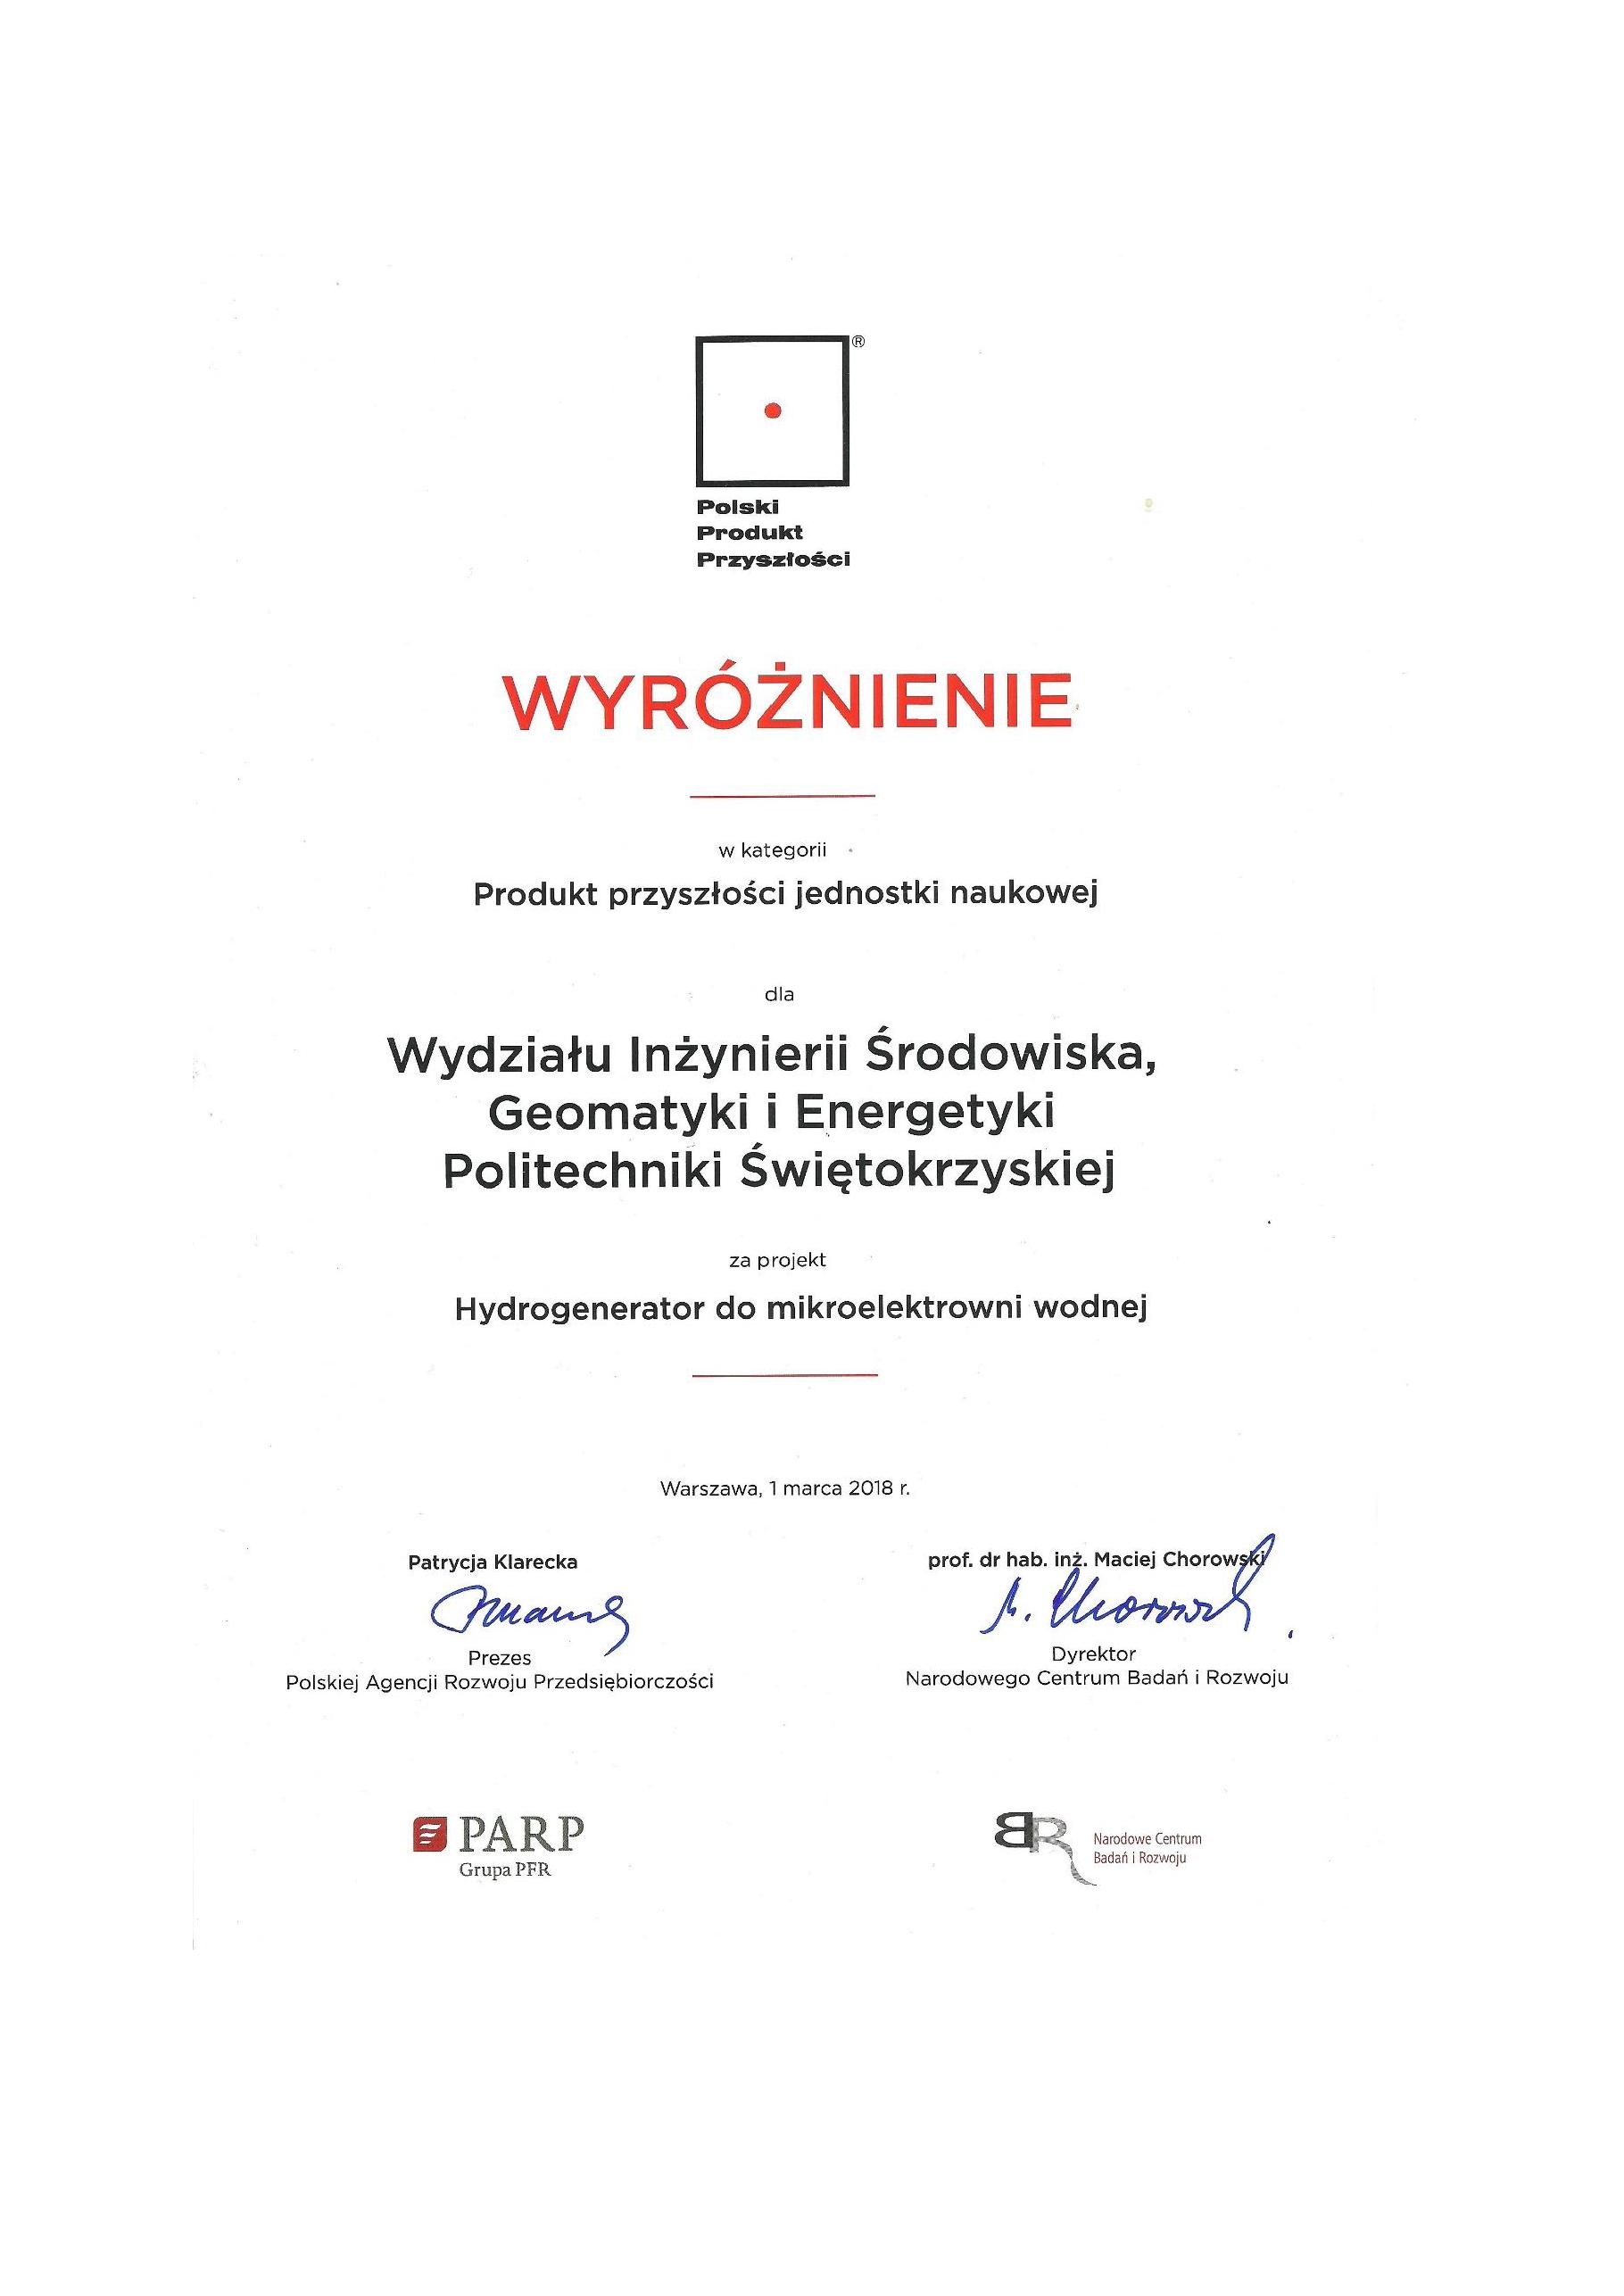 Wyróżnienie dla Pana Profesora Zbigniewa Gorycy